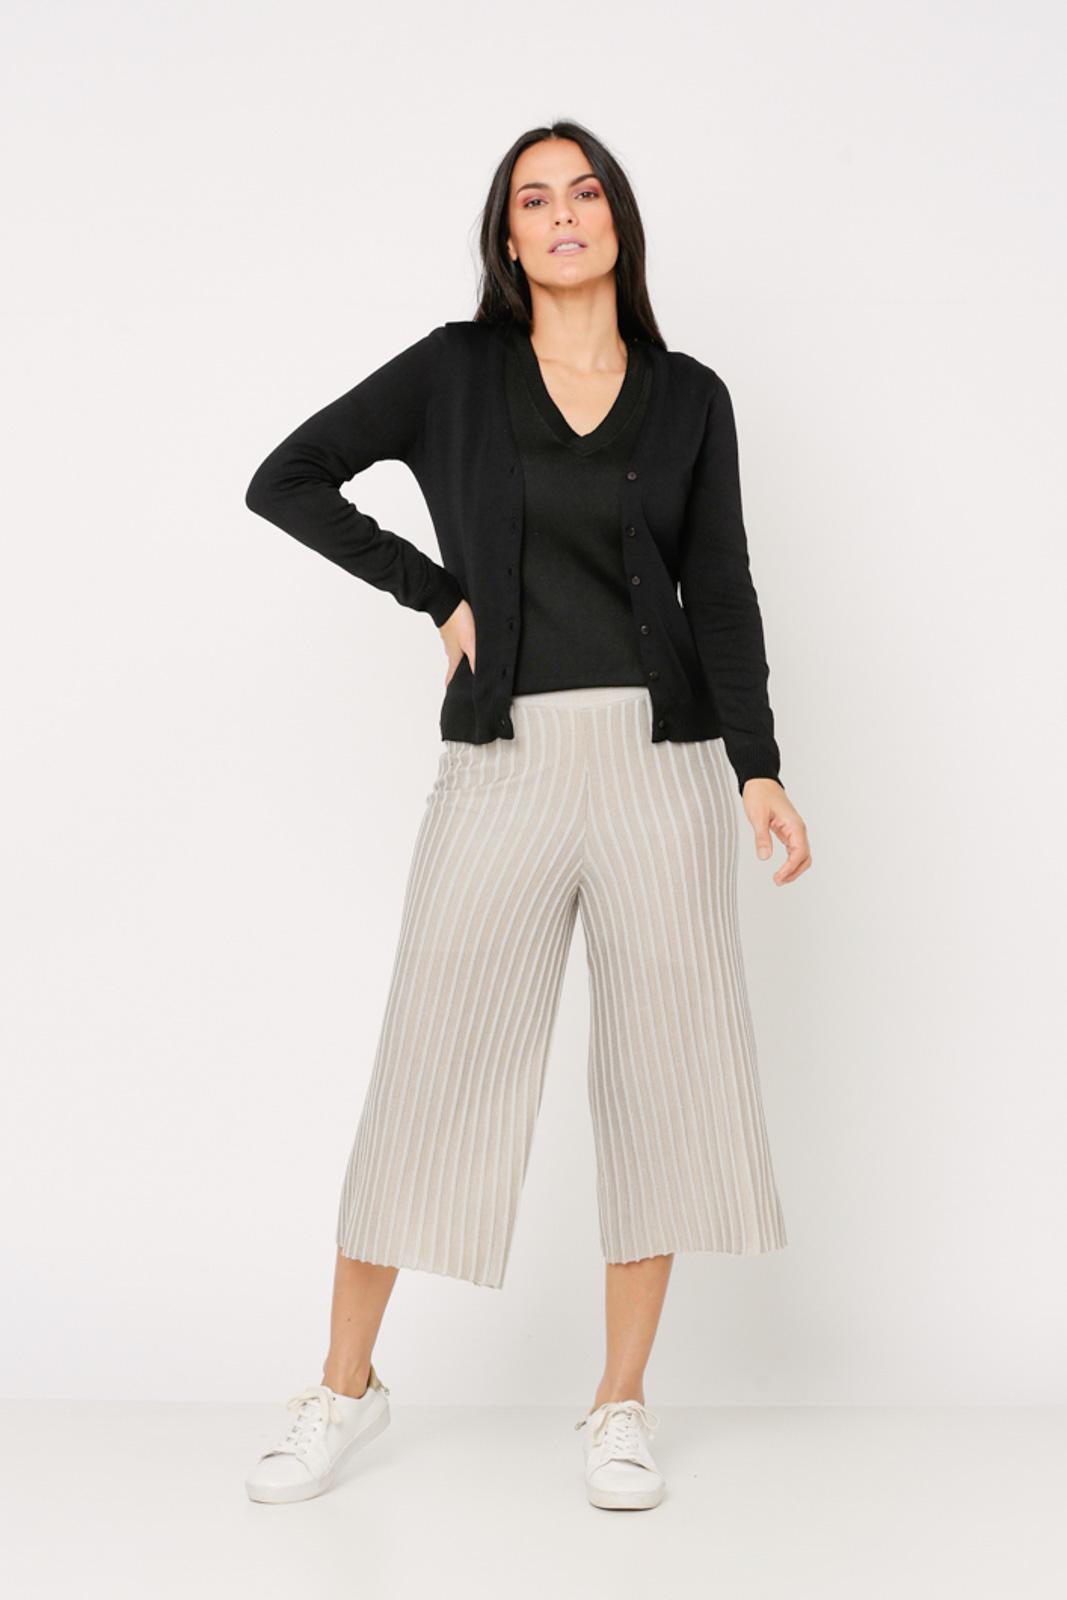 Conjunto de tricot Ralm twinset casaco básico de botões e blusa básica decote V - Preto